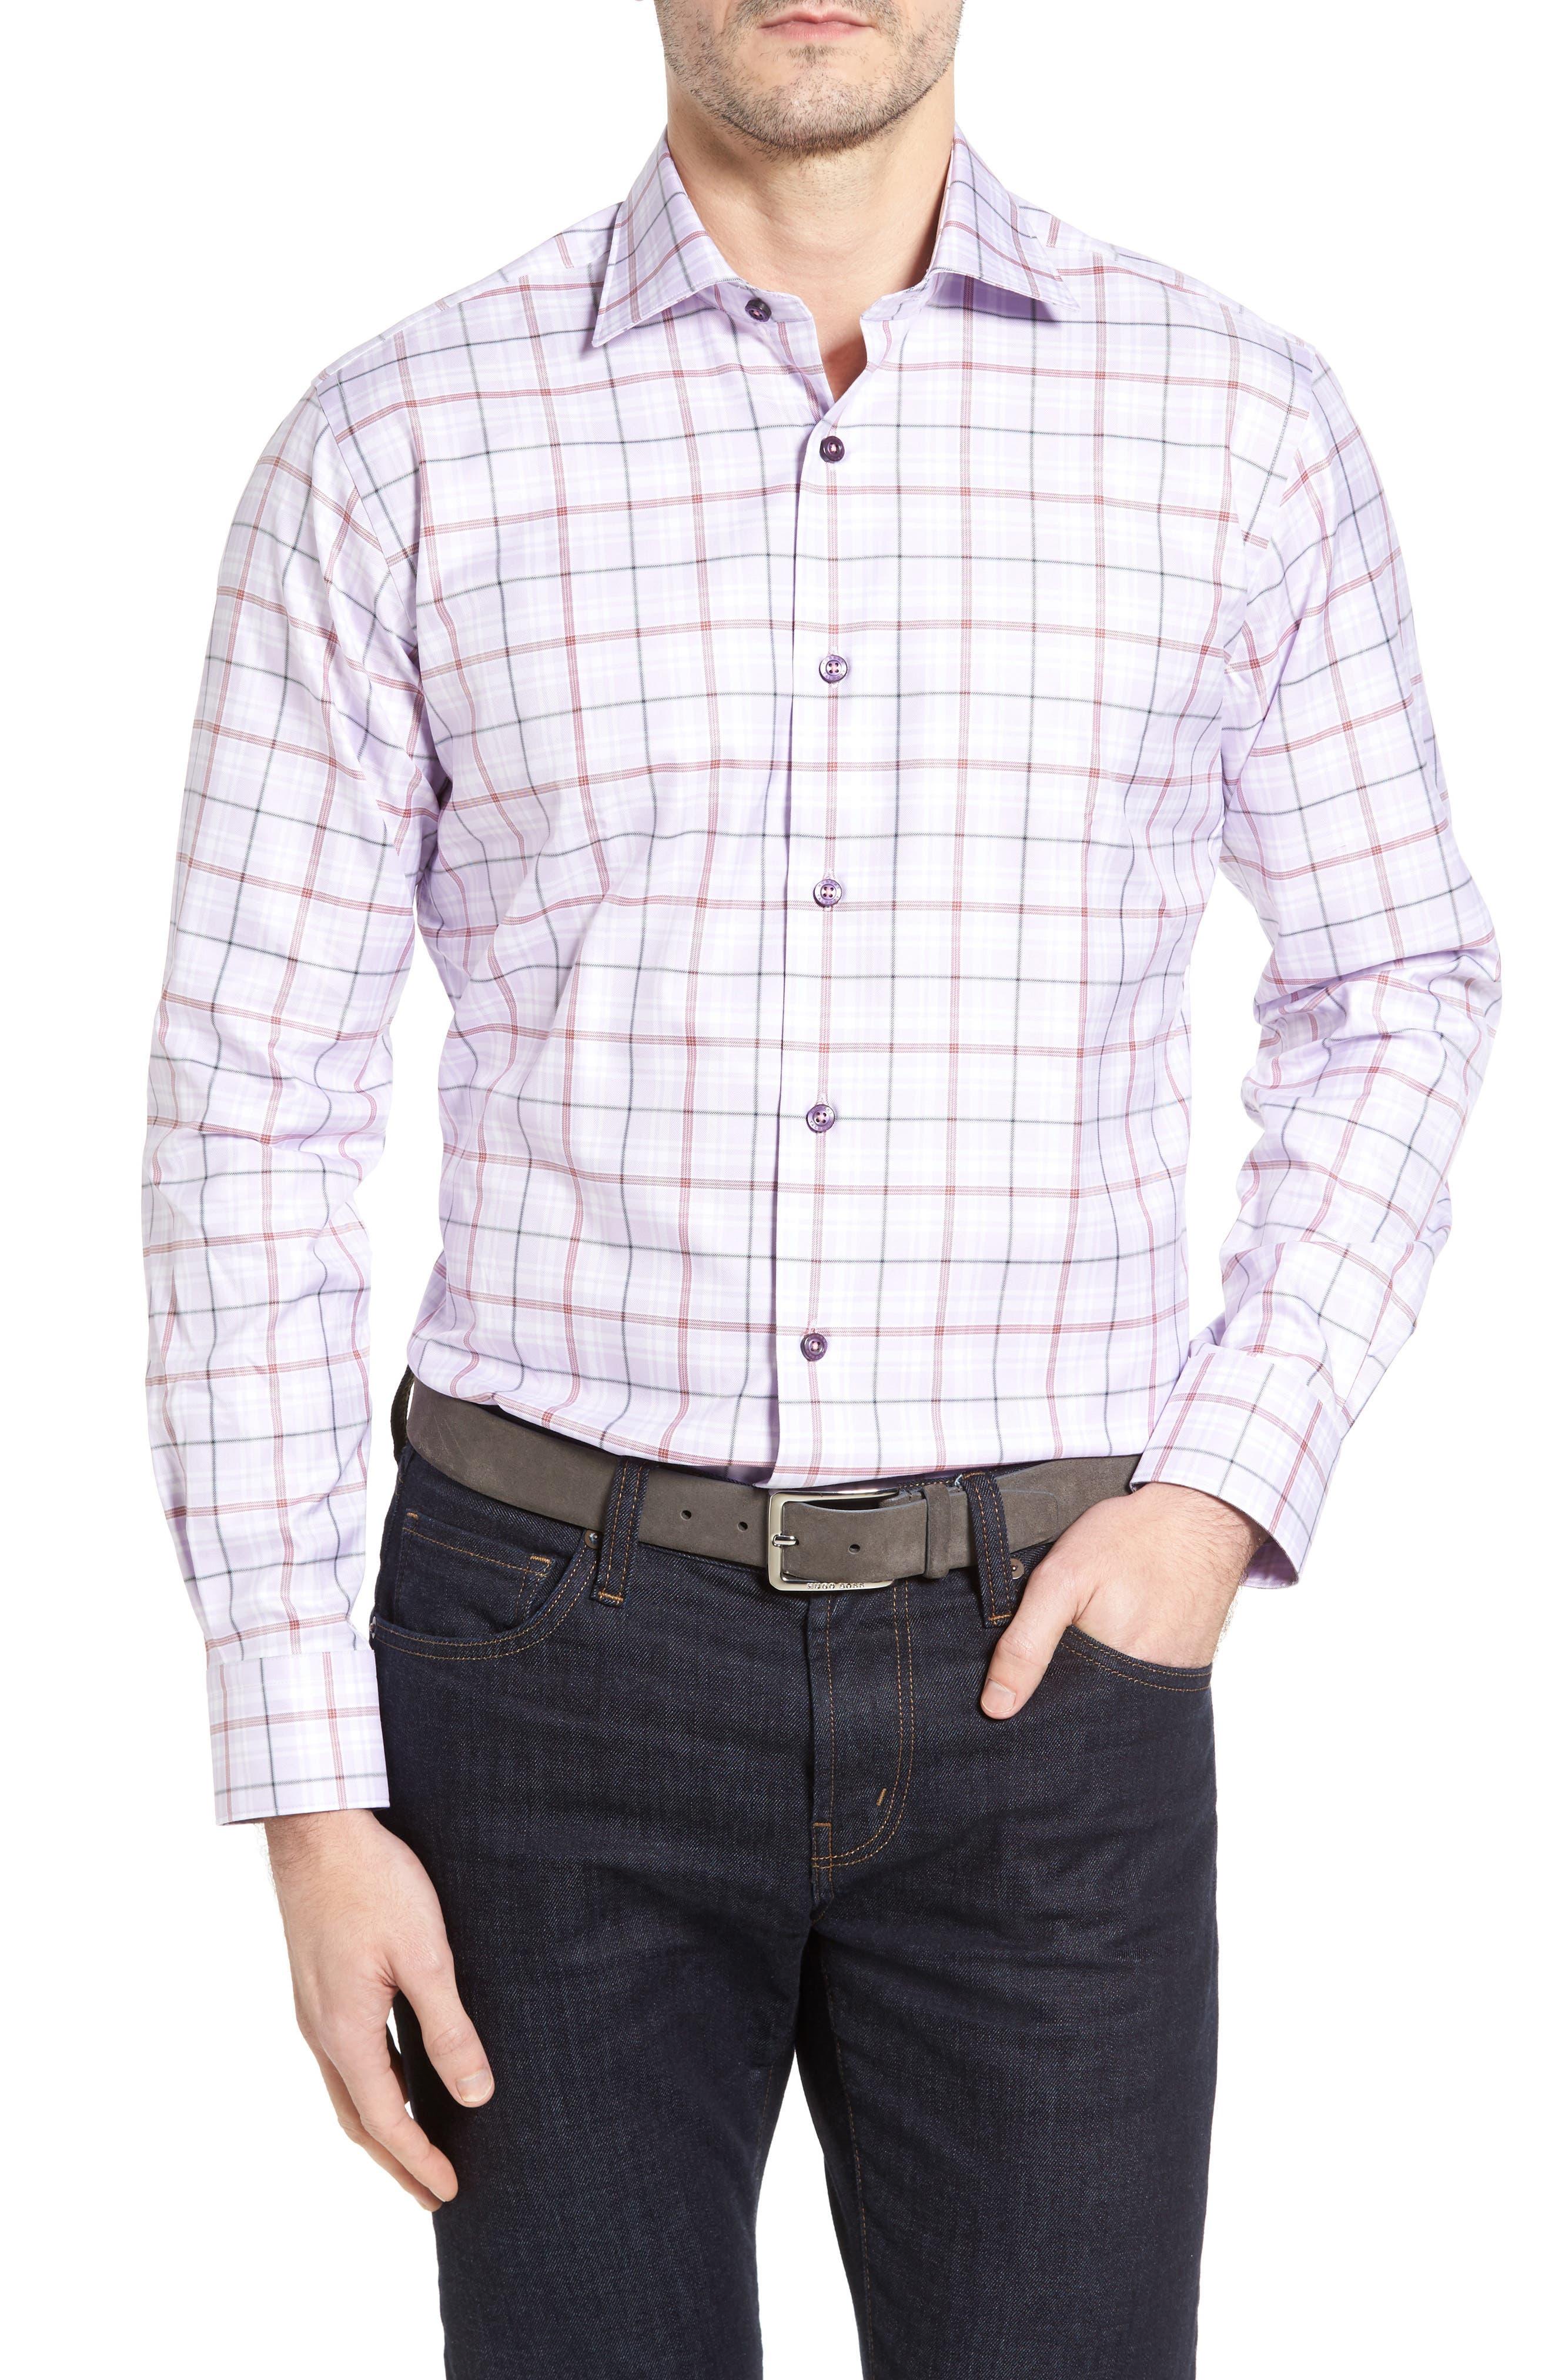 Alternate Image 1 Selected - Robert Talbott Crespi IV Tailored Fit Sport Shirt